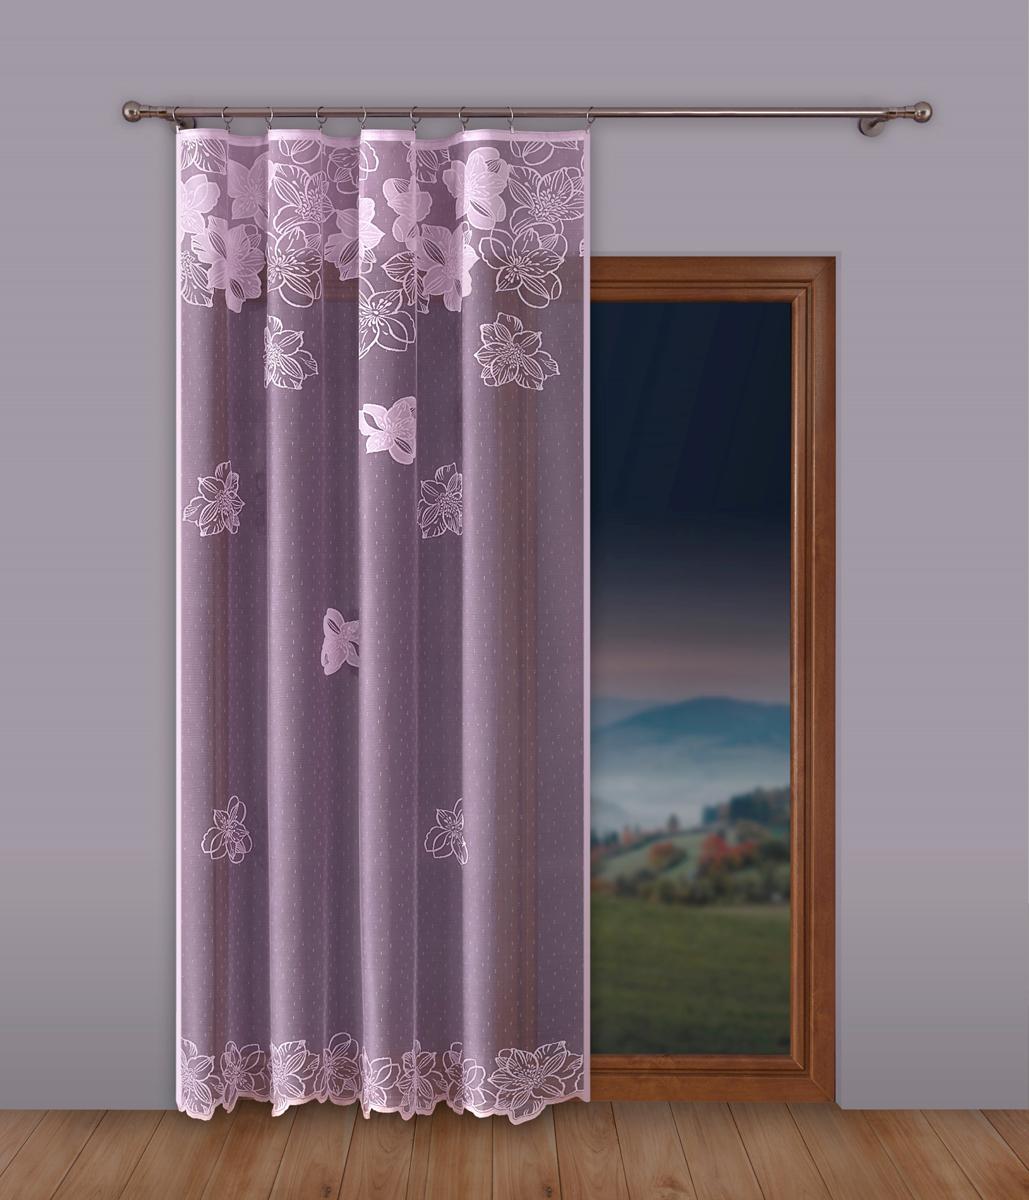 """Тюль """"P Primavera Firany"""", на ленте, цвет: сиреневый, высота 250 см, ширина 300 см. 1110357"""